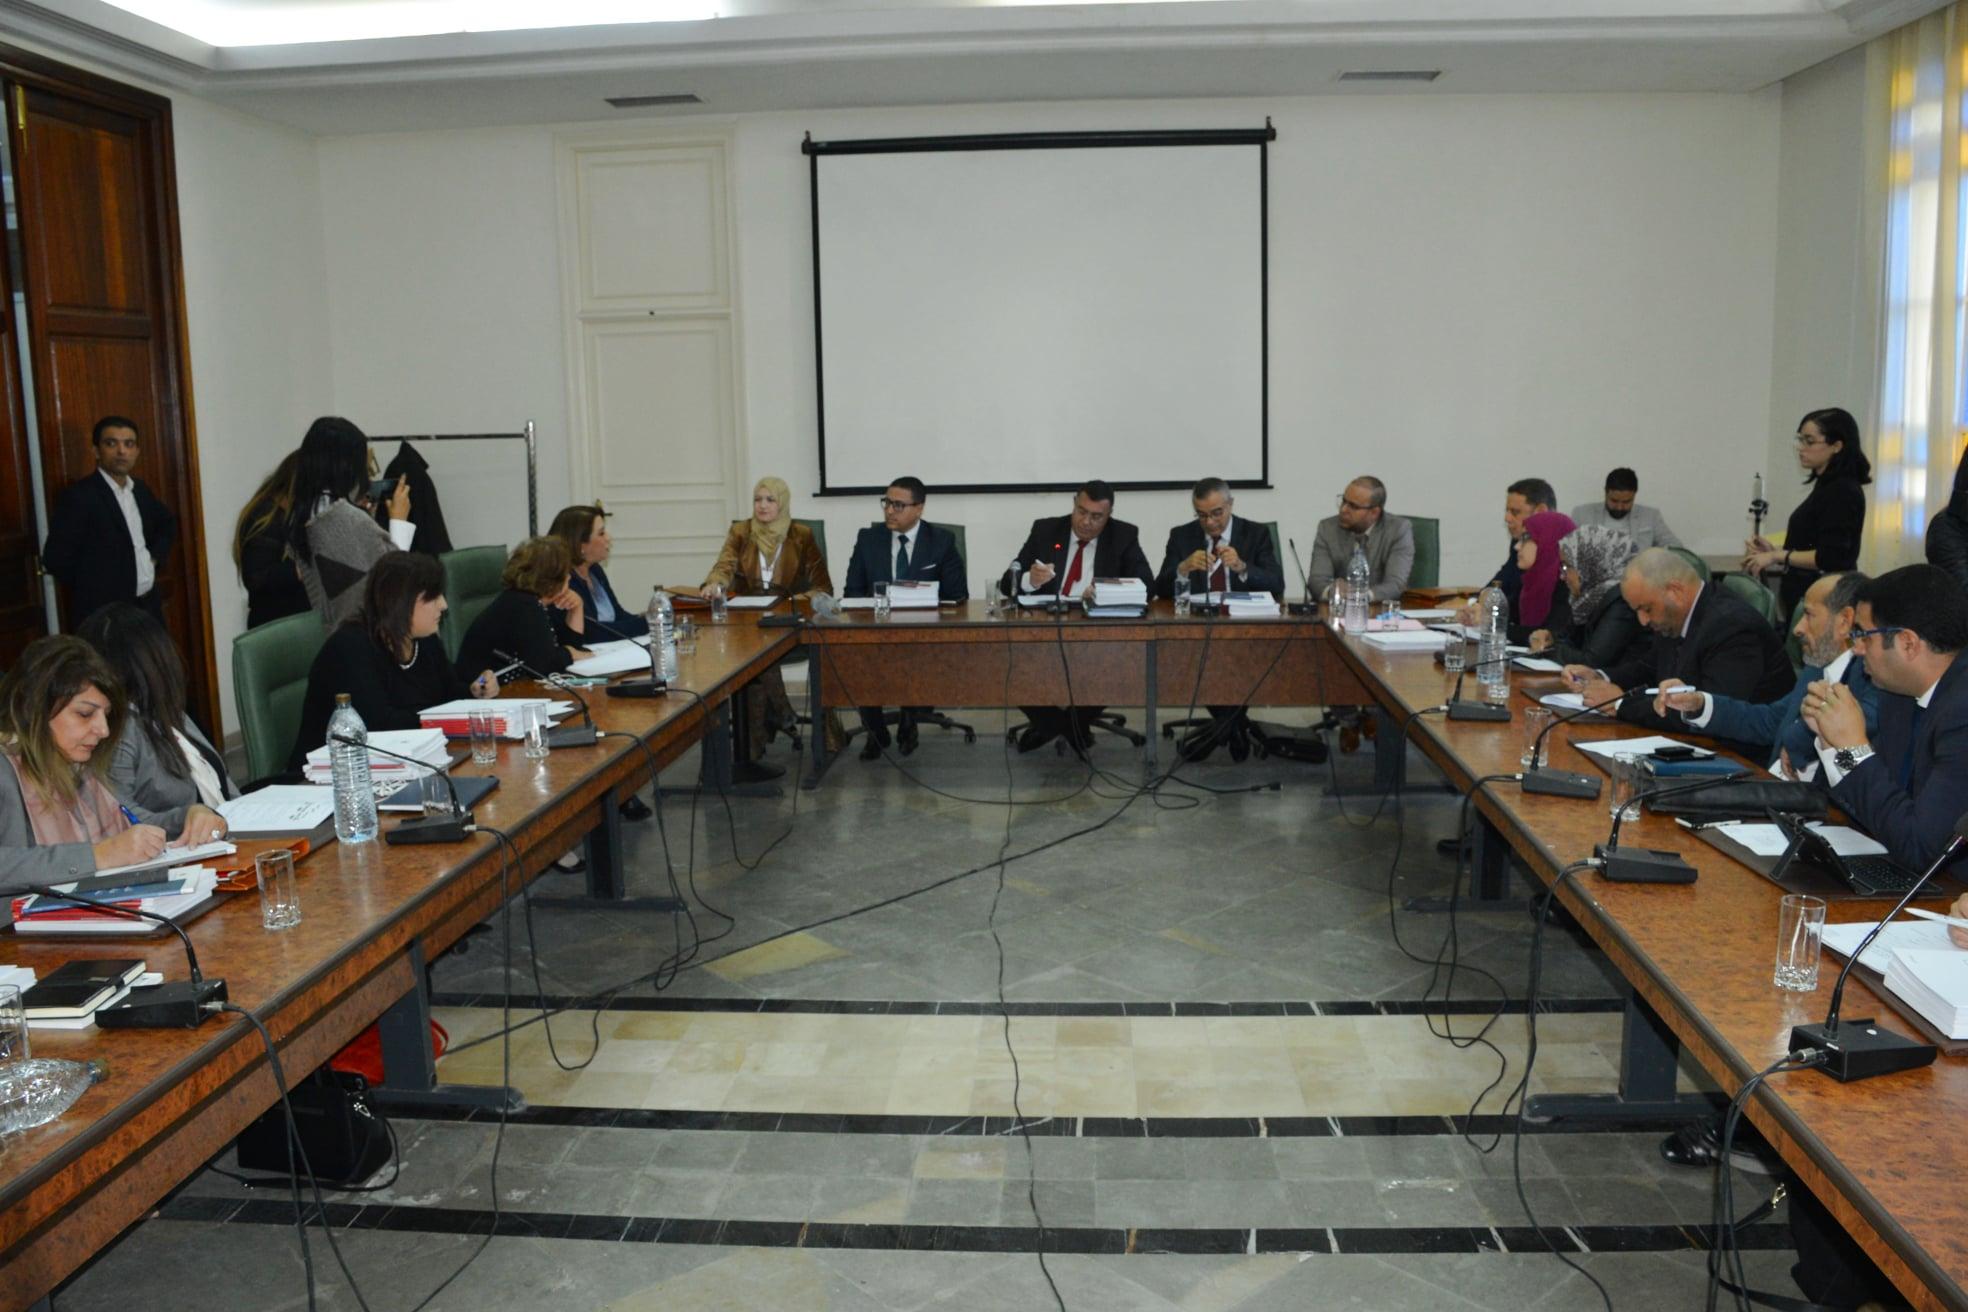 منها الاستماع لرضا شلغوم: البرلمان يُعلن عن جدول أعمال اللجنة المالية الوقتية